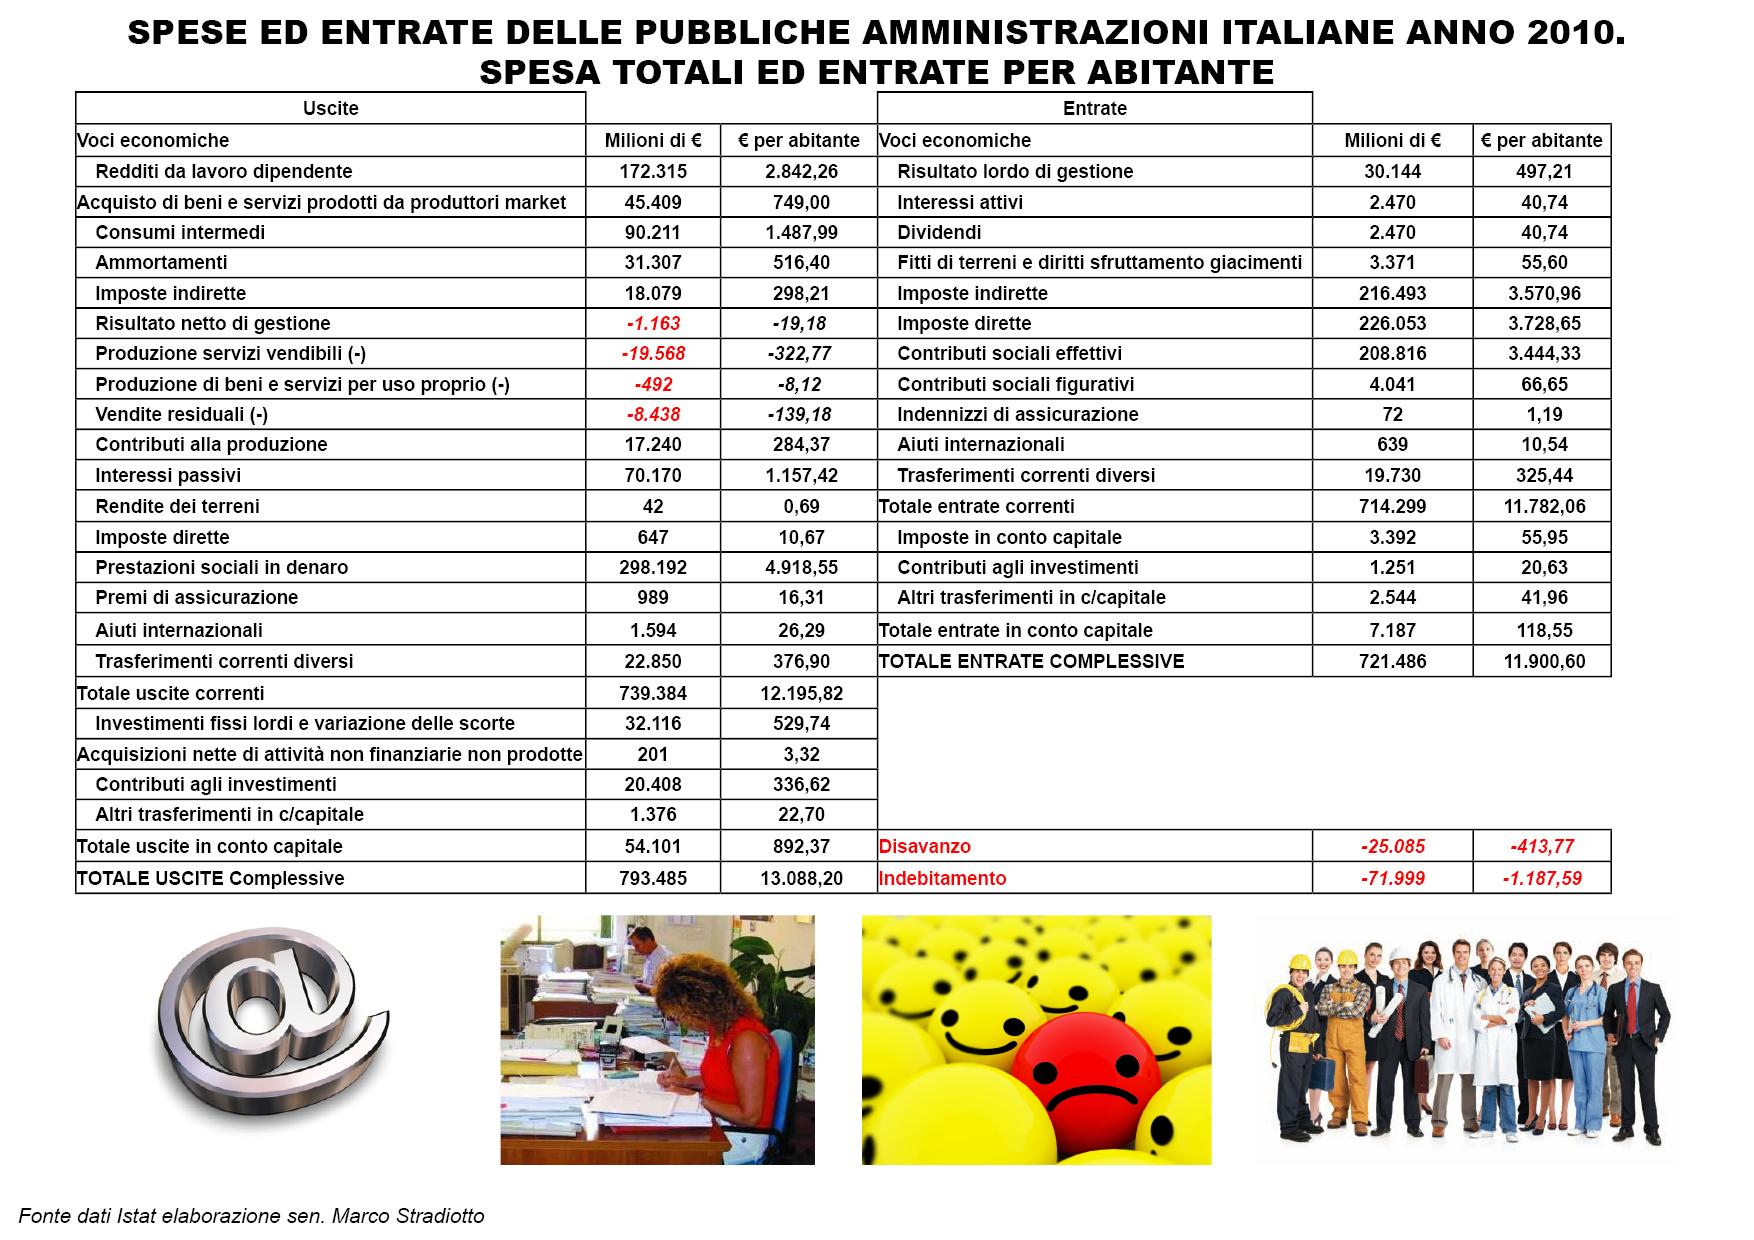 Dove nasce la sfiducia dei risparmiatori verso i conti pubblici italiani? Ecco dove nasce lo spread